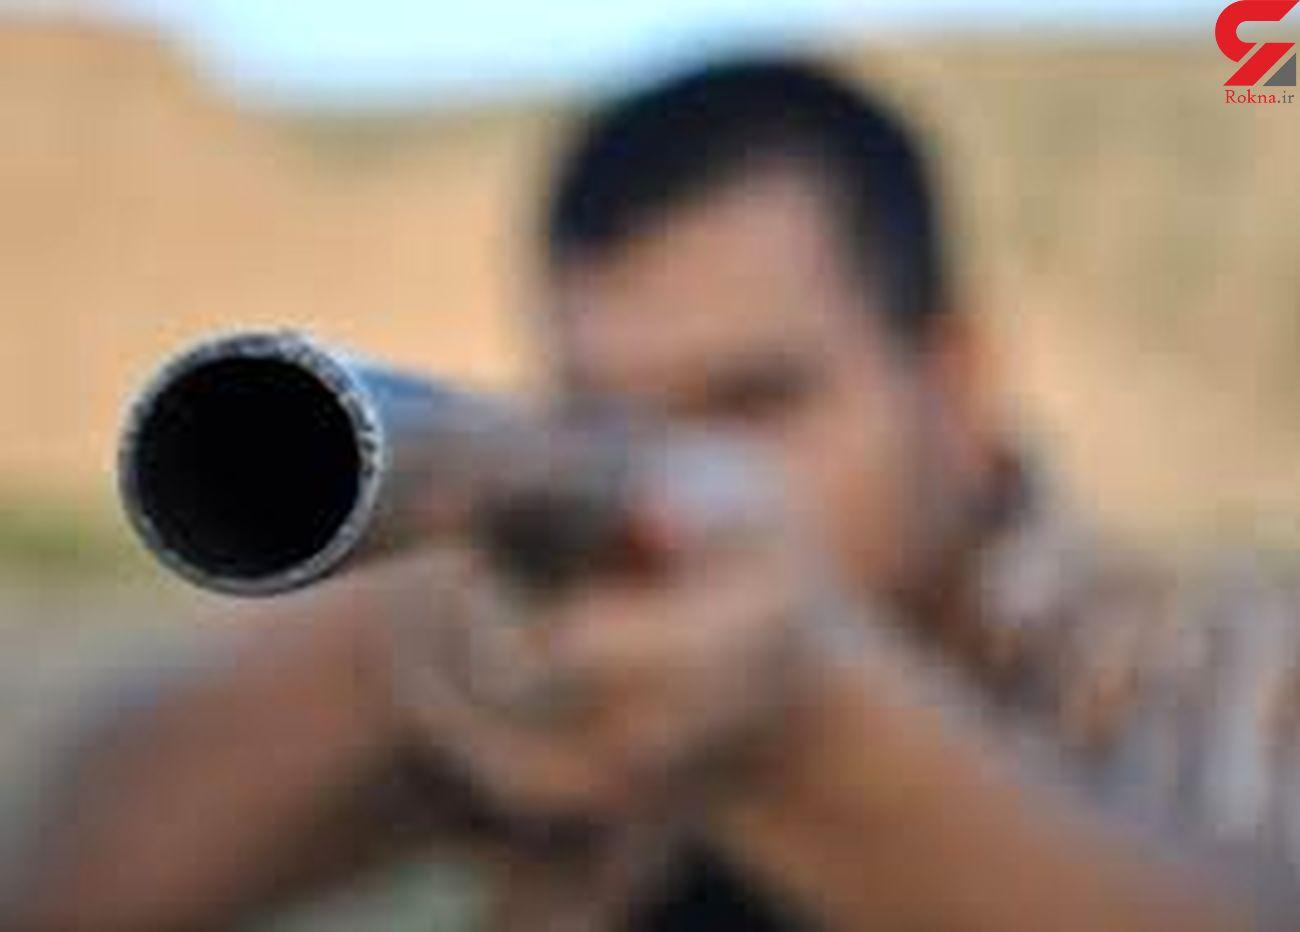 دستگیری هفت شکارچی مسلح غیرمجاز در فومن